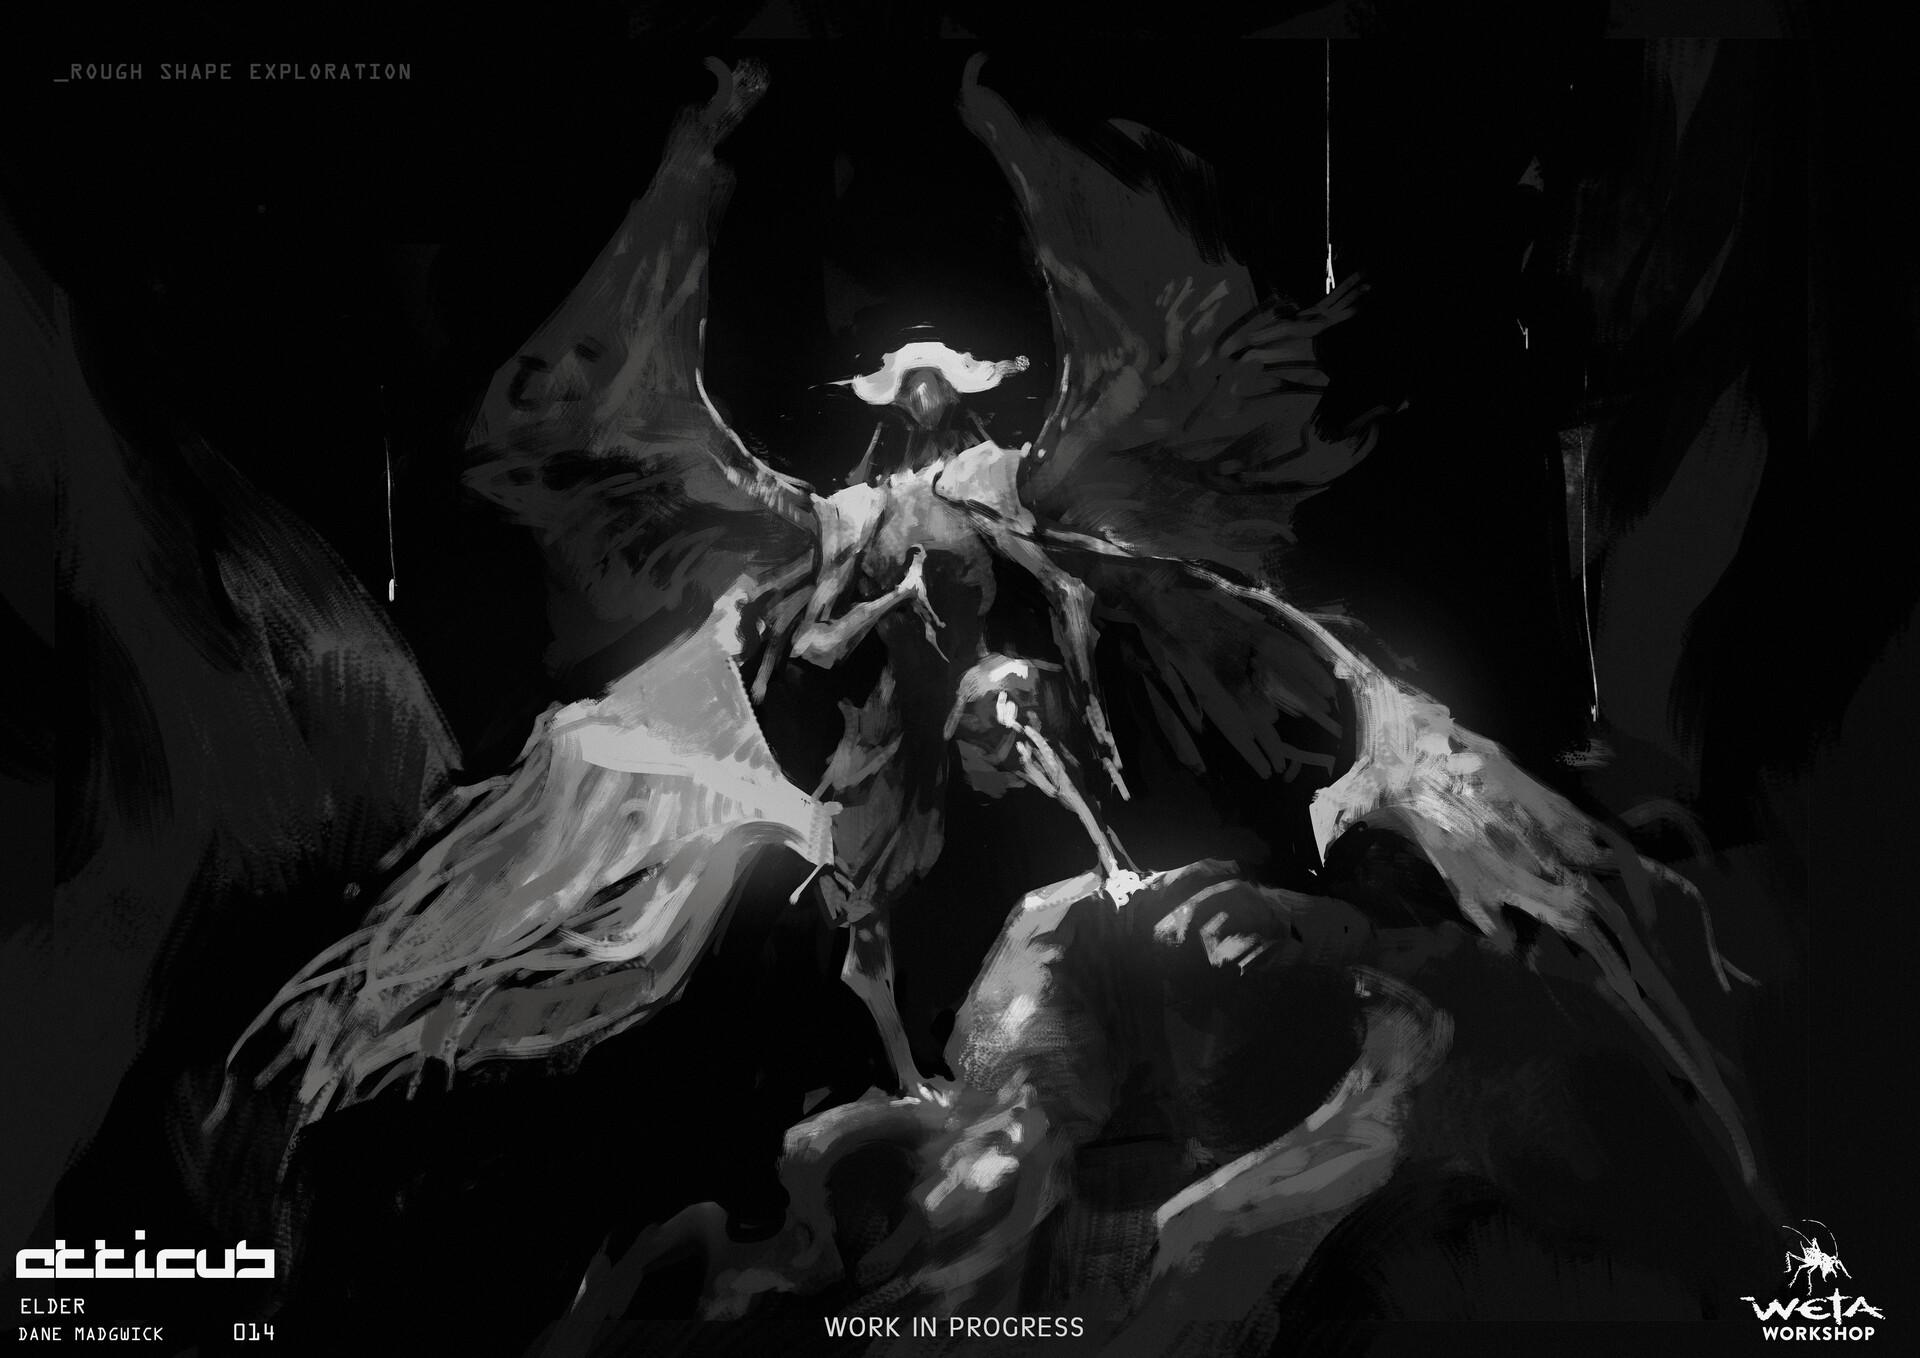 Elder Sketch - Artist: Dane Madgwick